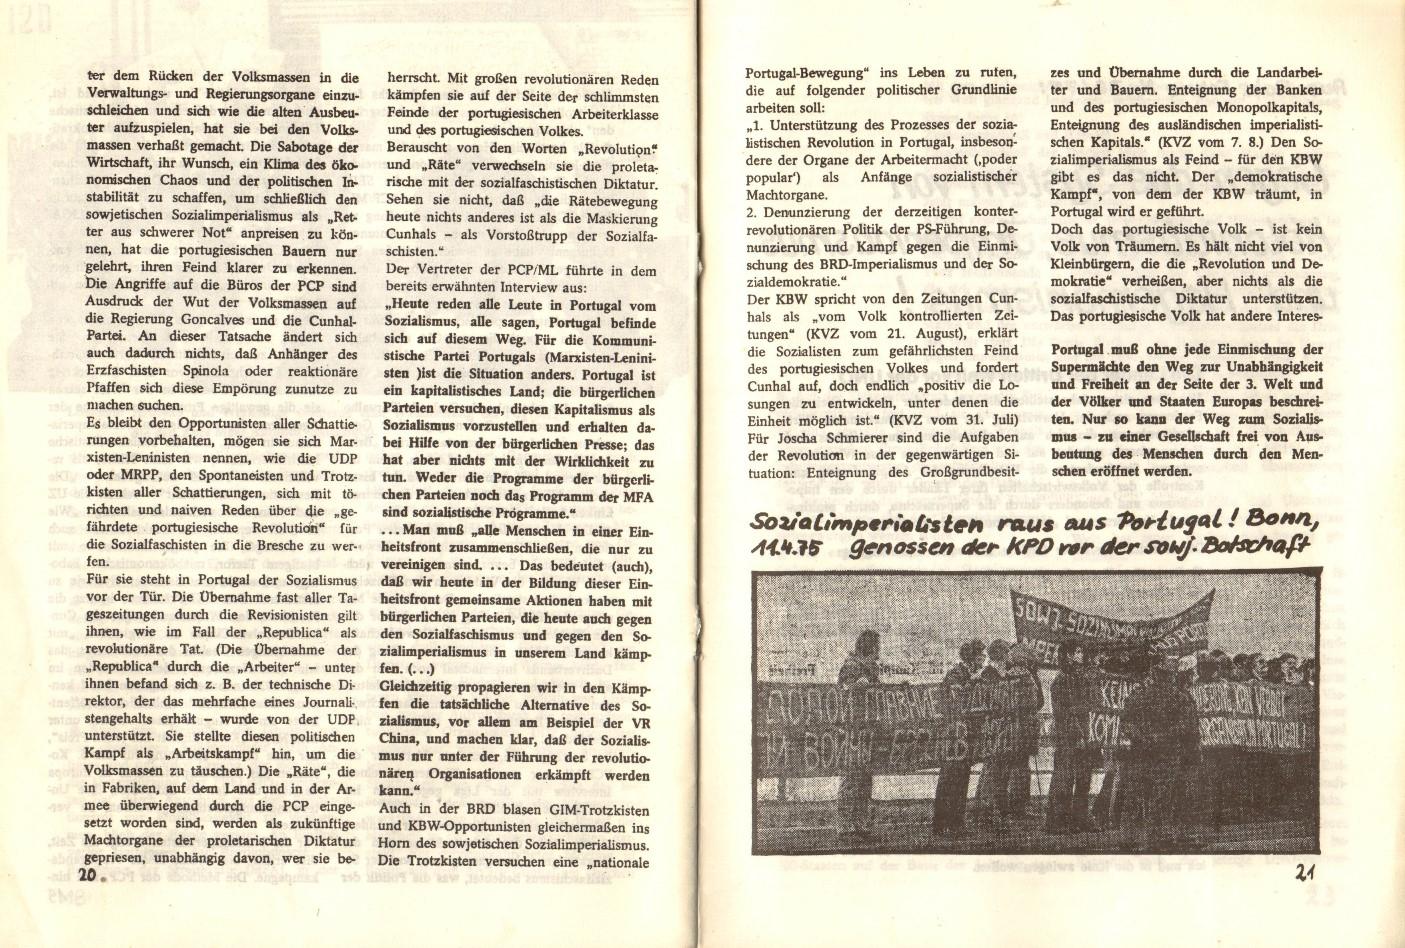 NRW_AO_1975_UZ_Sprachrohr_der_Kremlzaren_13